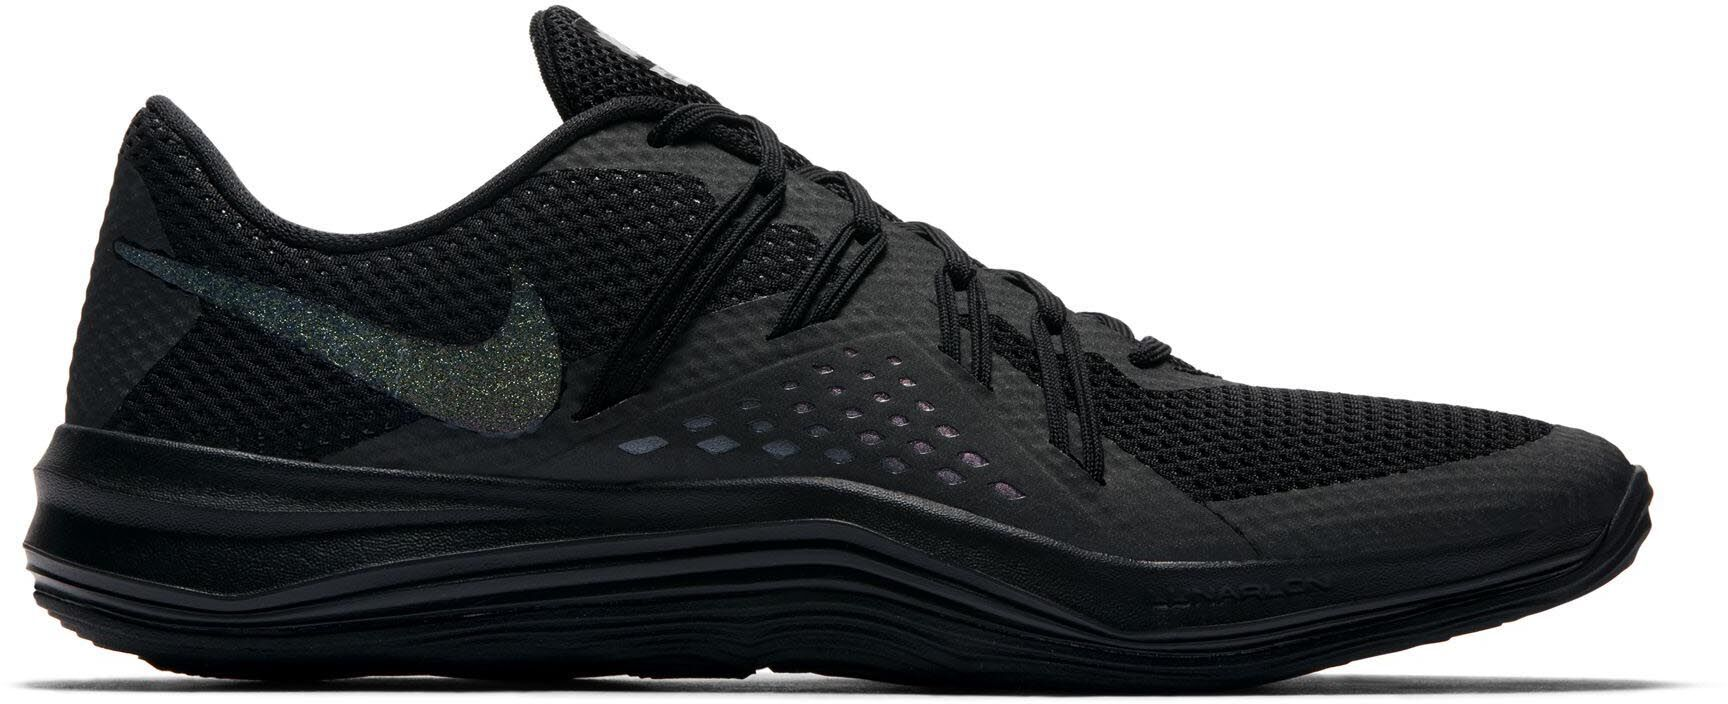 Nike · Lunar Exceed TR Metallic fitness schoenen Dames